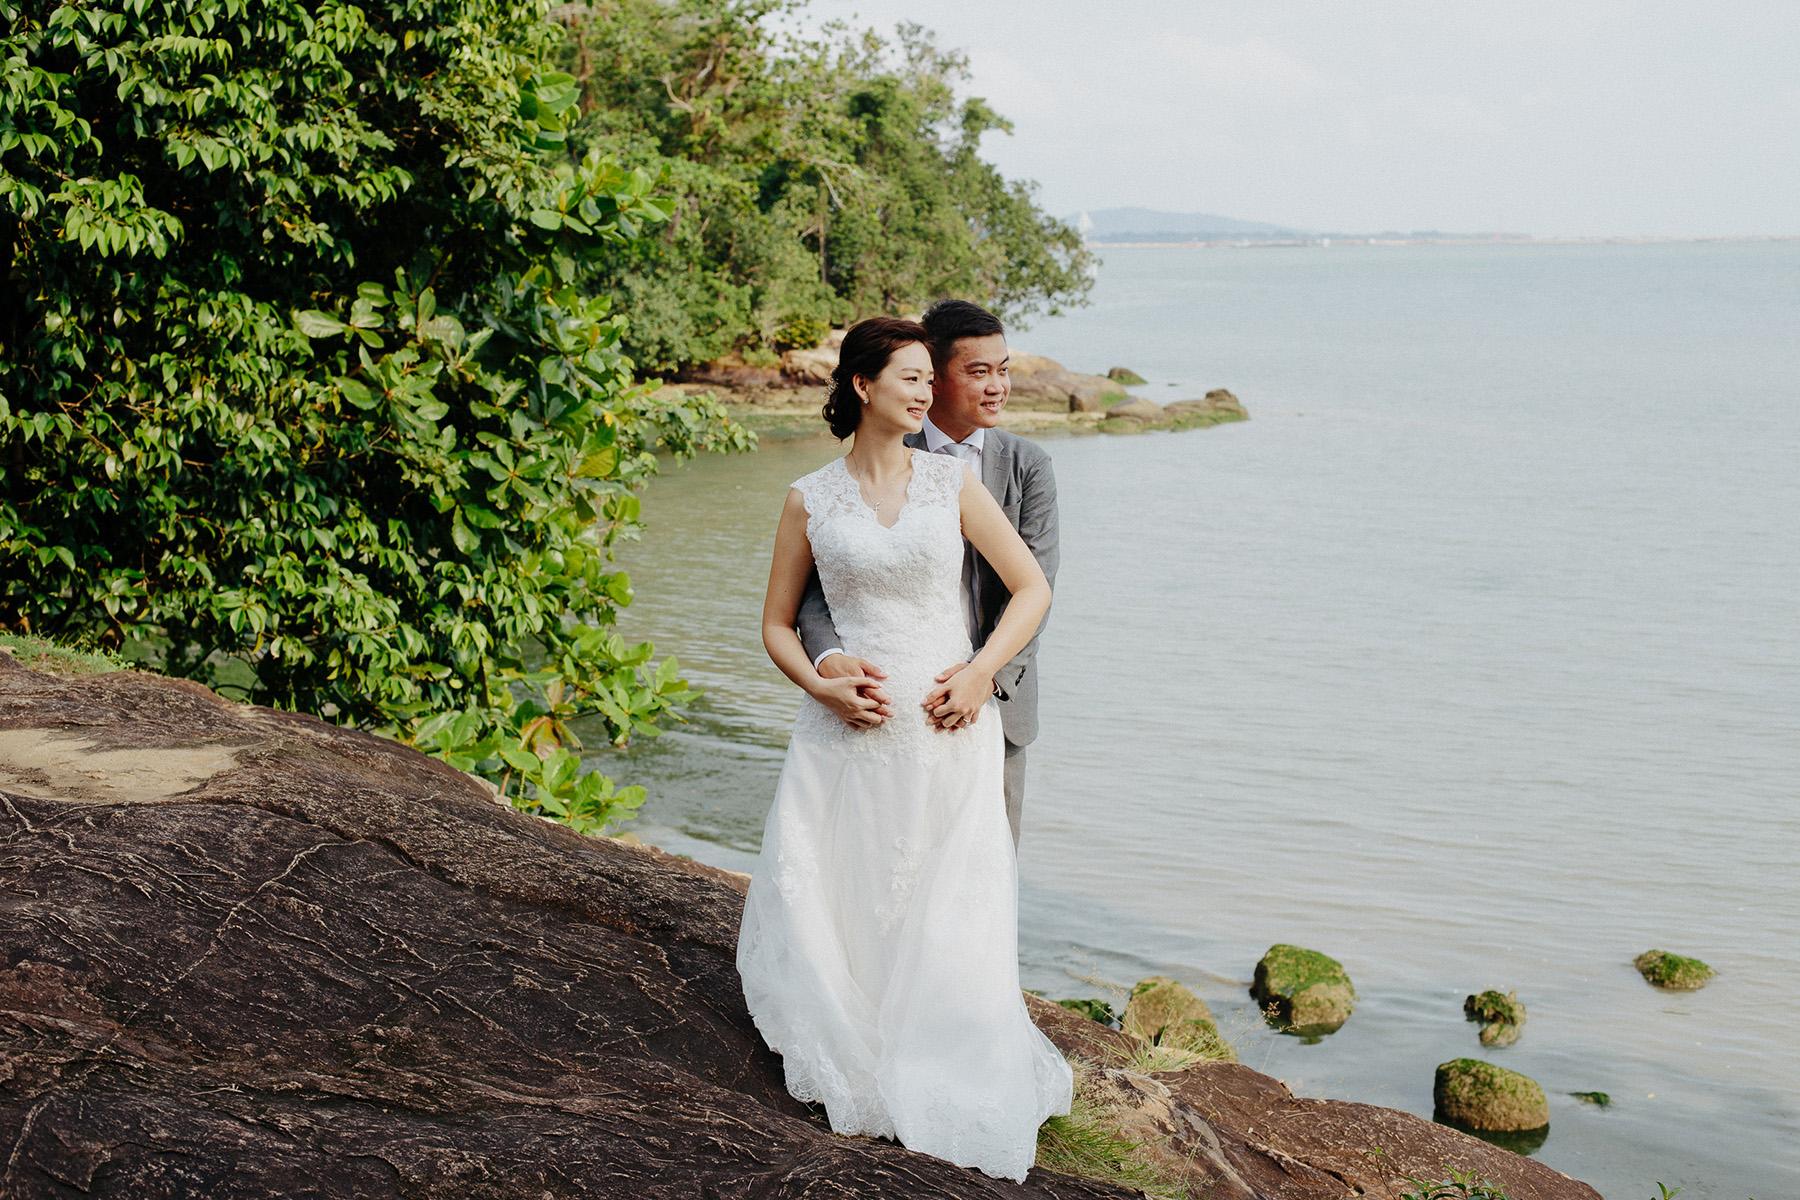 singapore-wedding-photographer-wemadethese-portraits-007.jpg